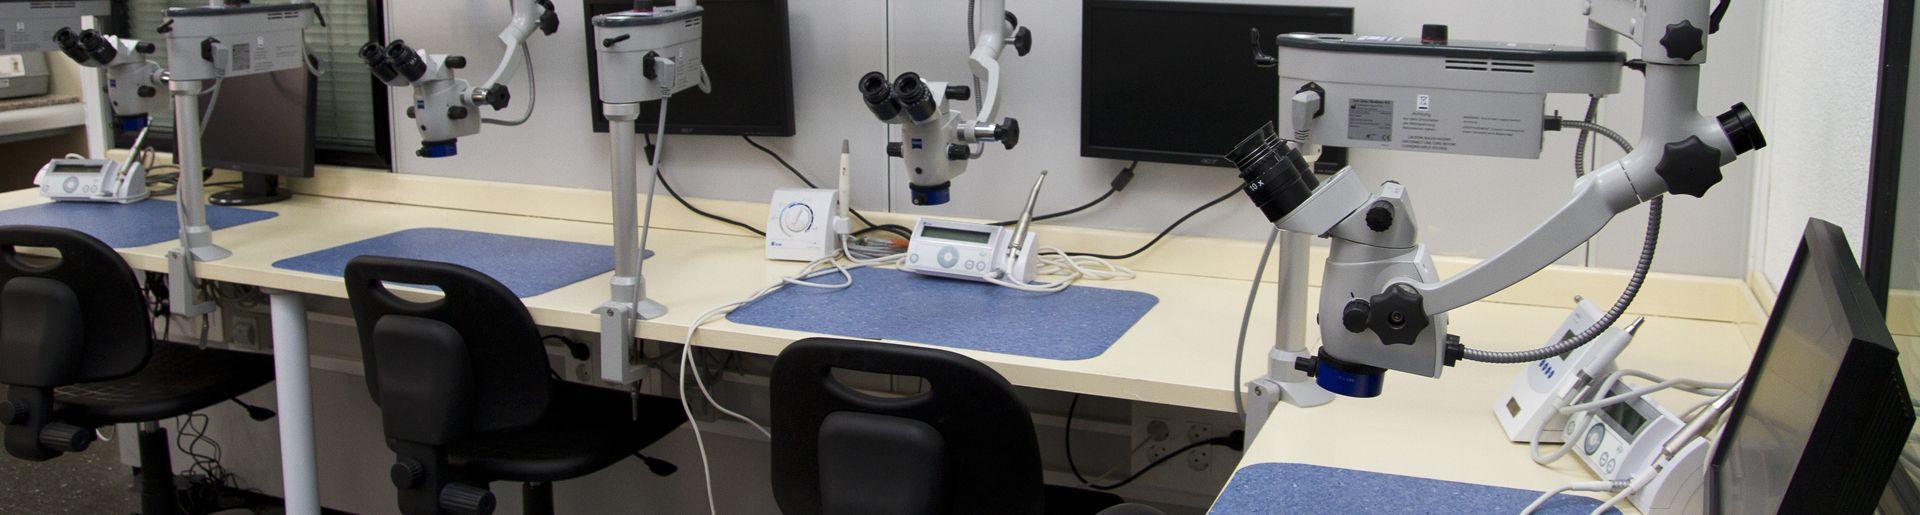 Diploma de Especialización en Endodoncia: Aplicaciones y uso del microscopio quirúrgico en endodoncia